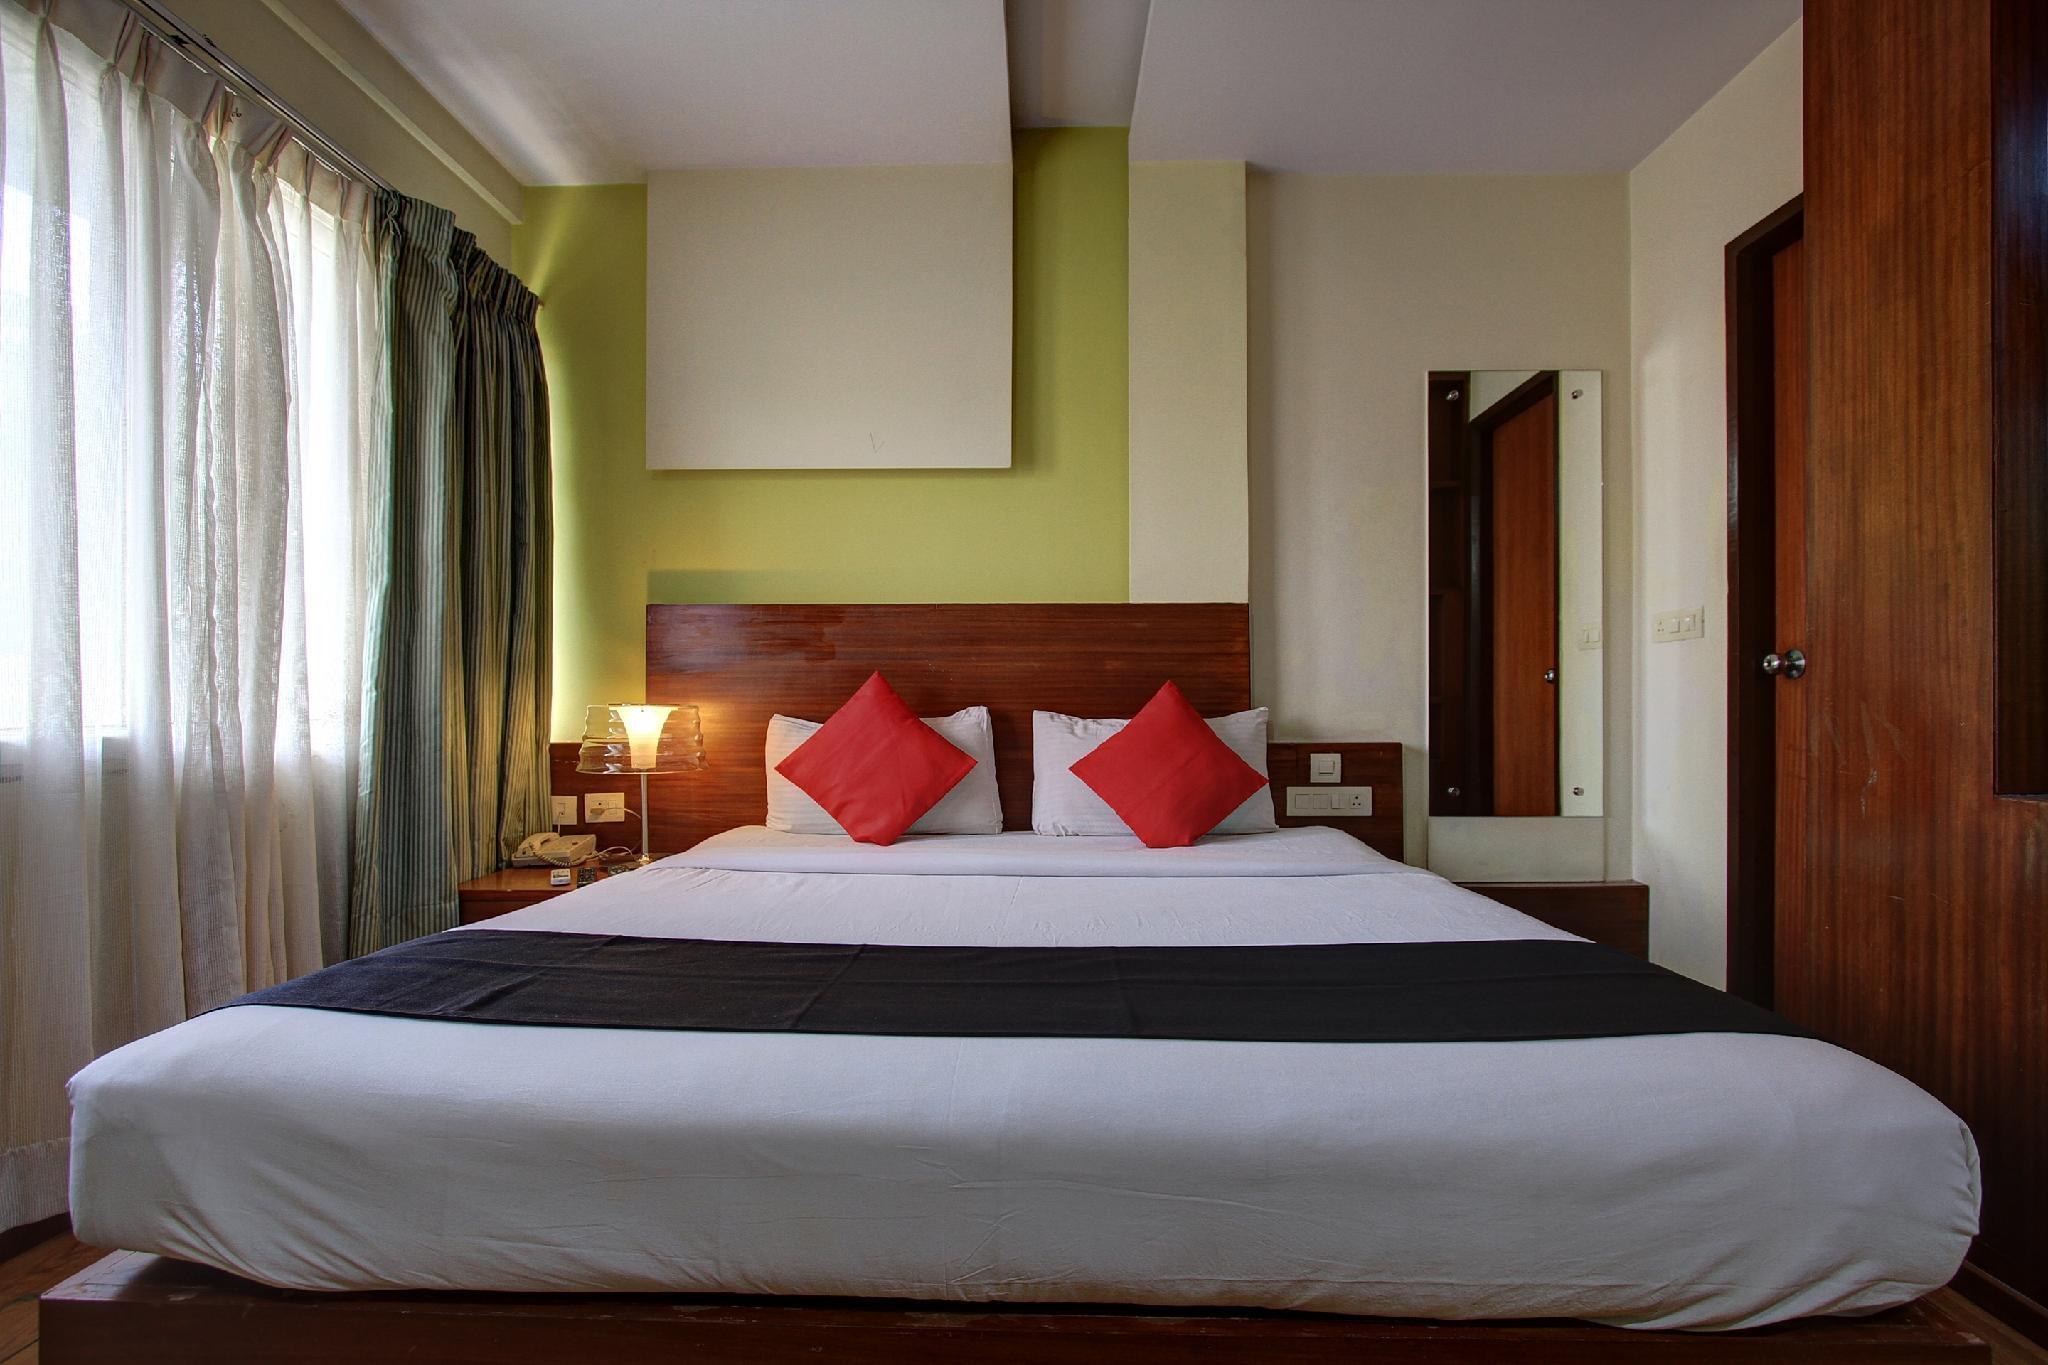 Capital O 66118 Hotel Rohini International